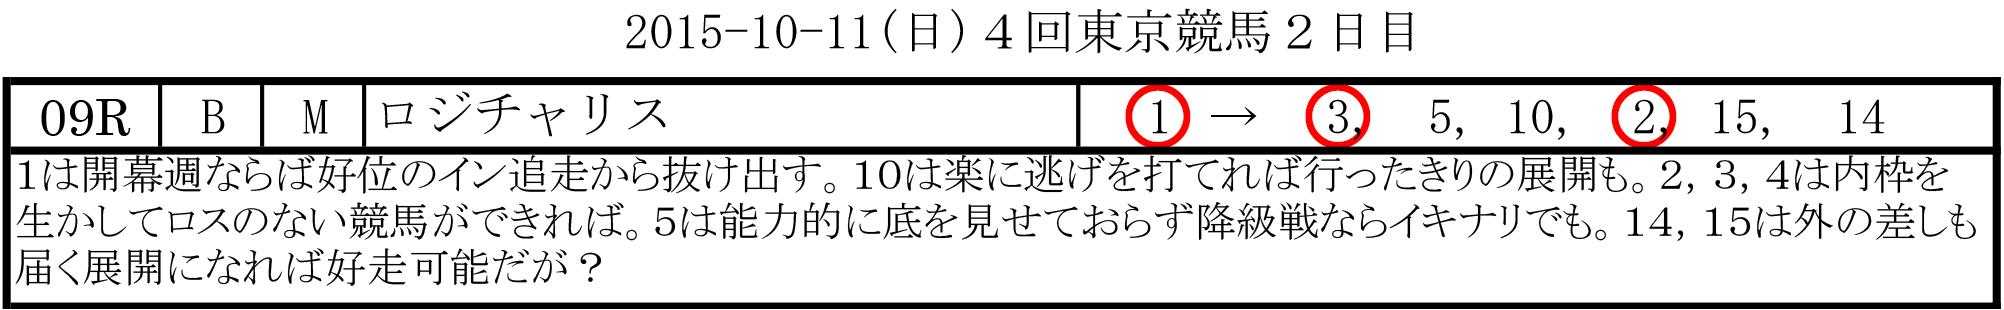 東京4回2日目・10/11(日)・毎日王冠デー・第9R・3連単5、万馬券的中!